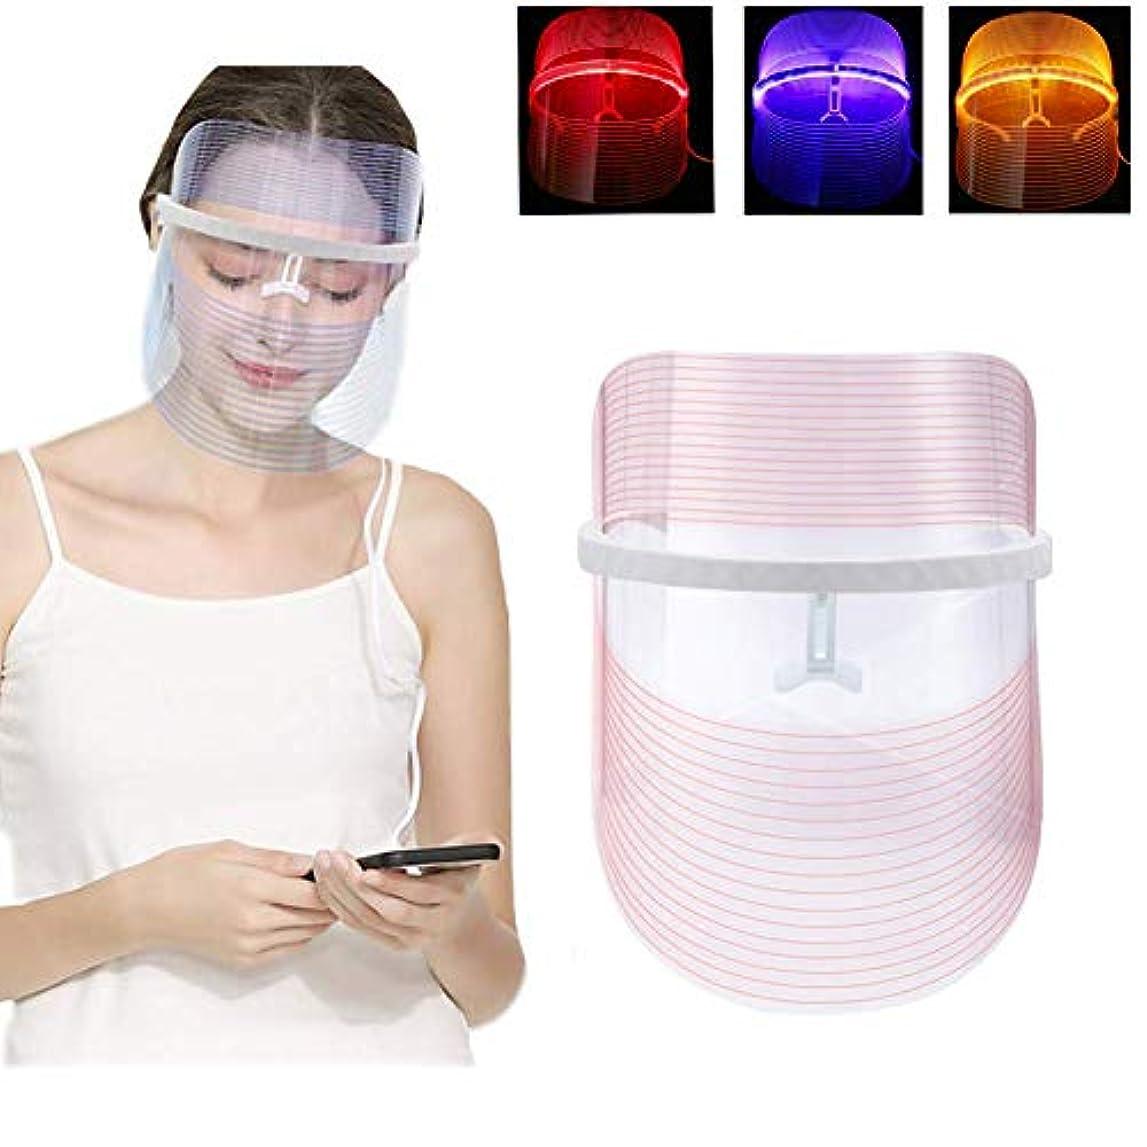 めるすごい大砲3色LEDライト療法のフェイスマスクの美の器械の顔の鉱泉の処置装置の反アクネのしわの取り外し